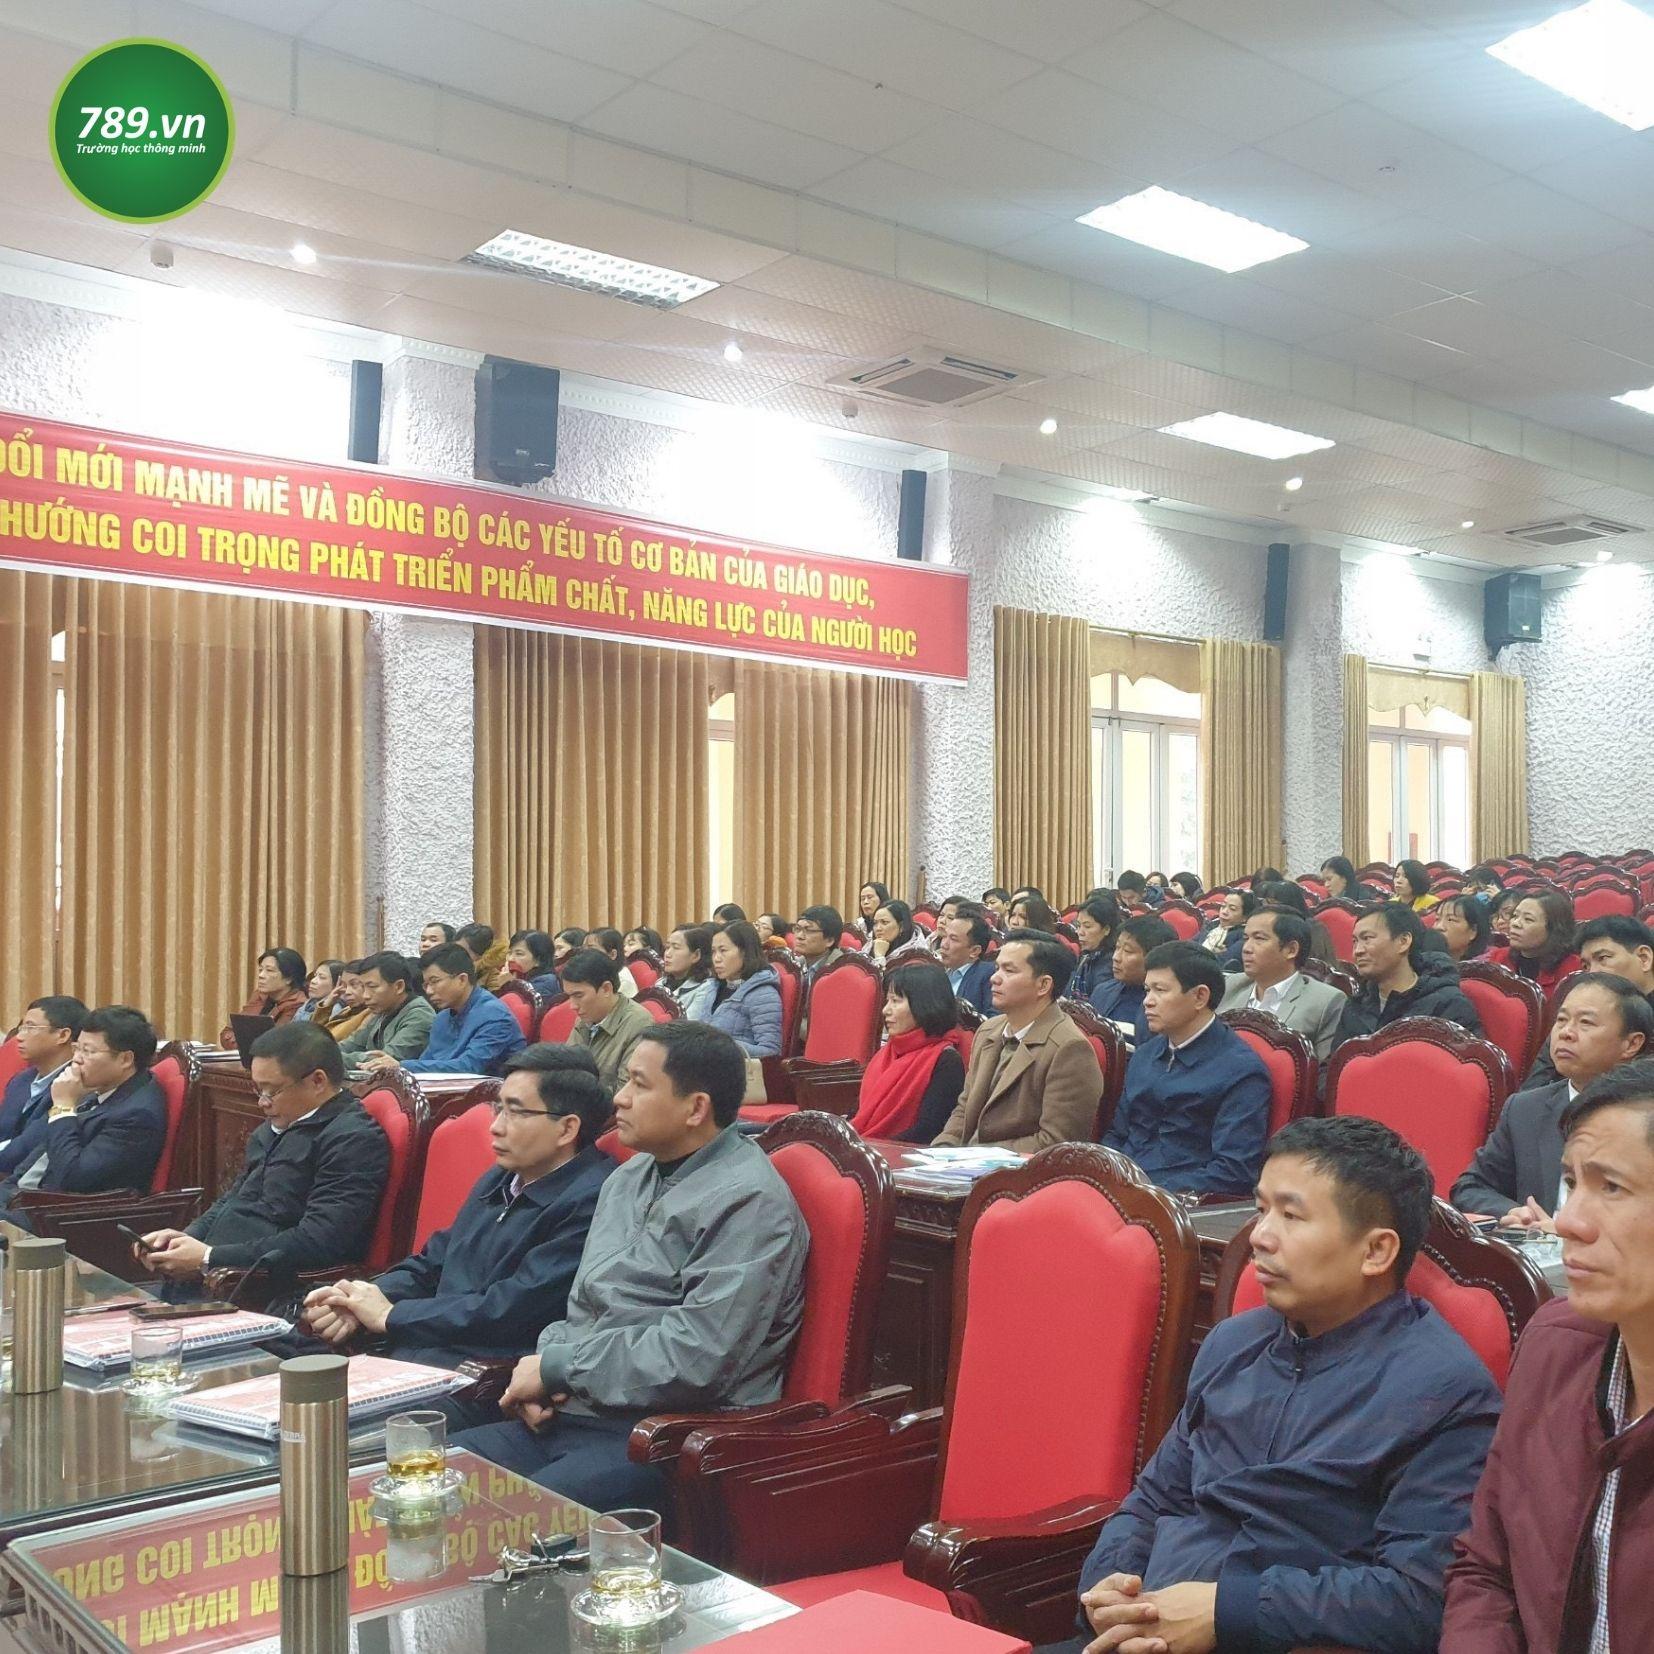 789.vn mang hệ thống kiểm tra đánh giá trực tuyến đến với Nam Định (Sở Giáo dục và Đào tạo Nam Định)